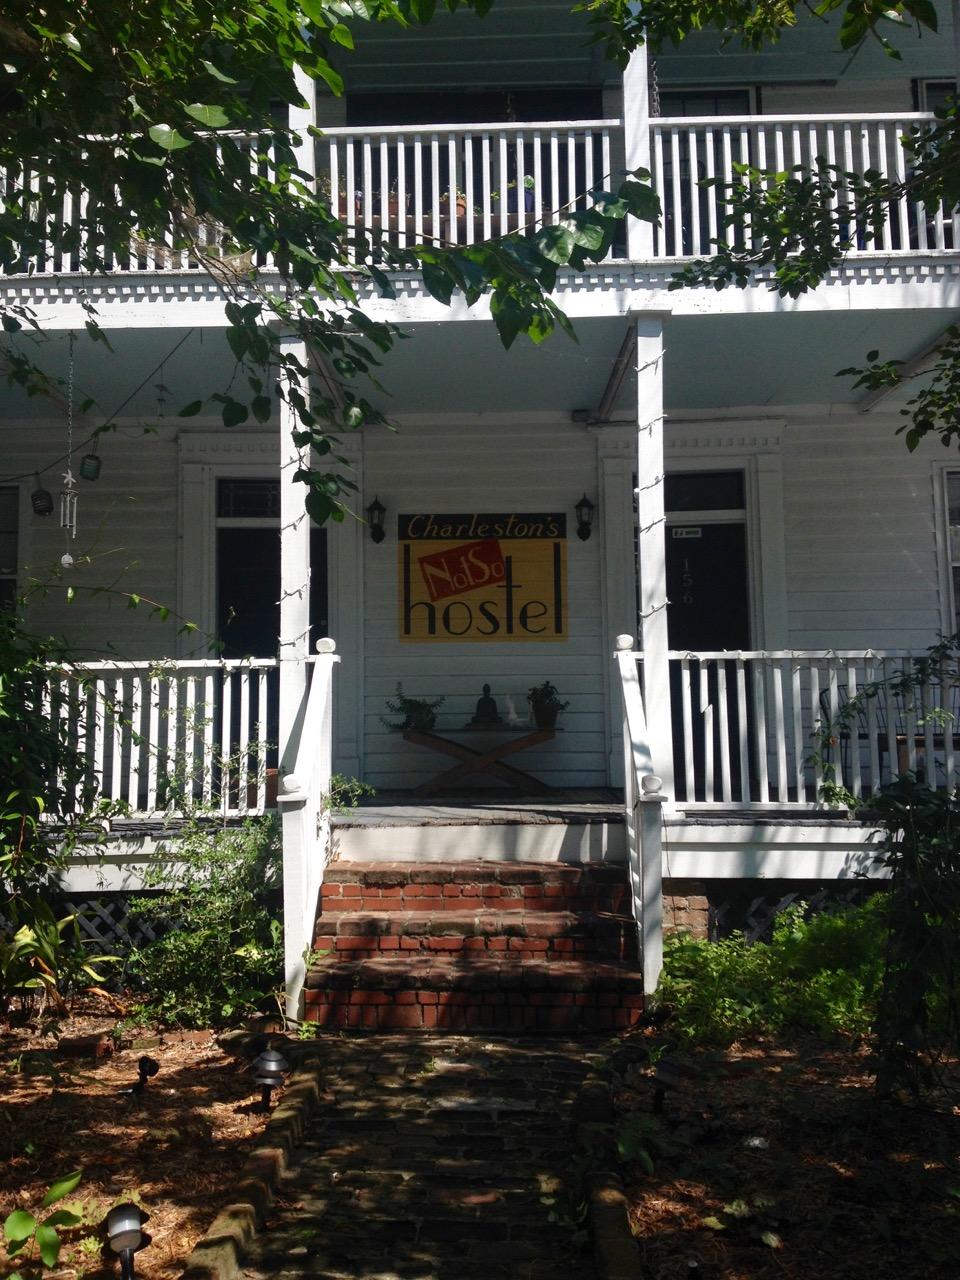 Not So Hostel in Charleston